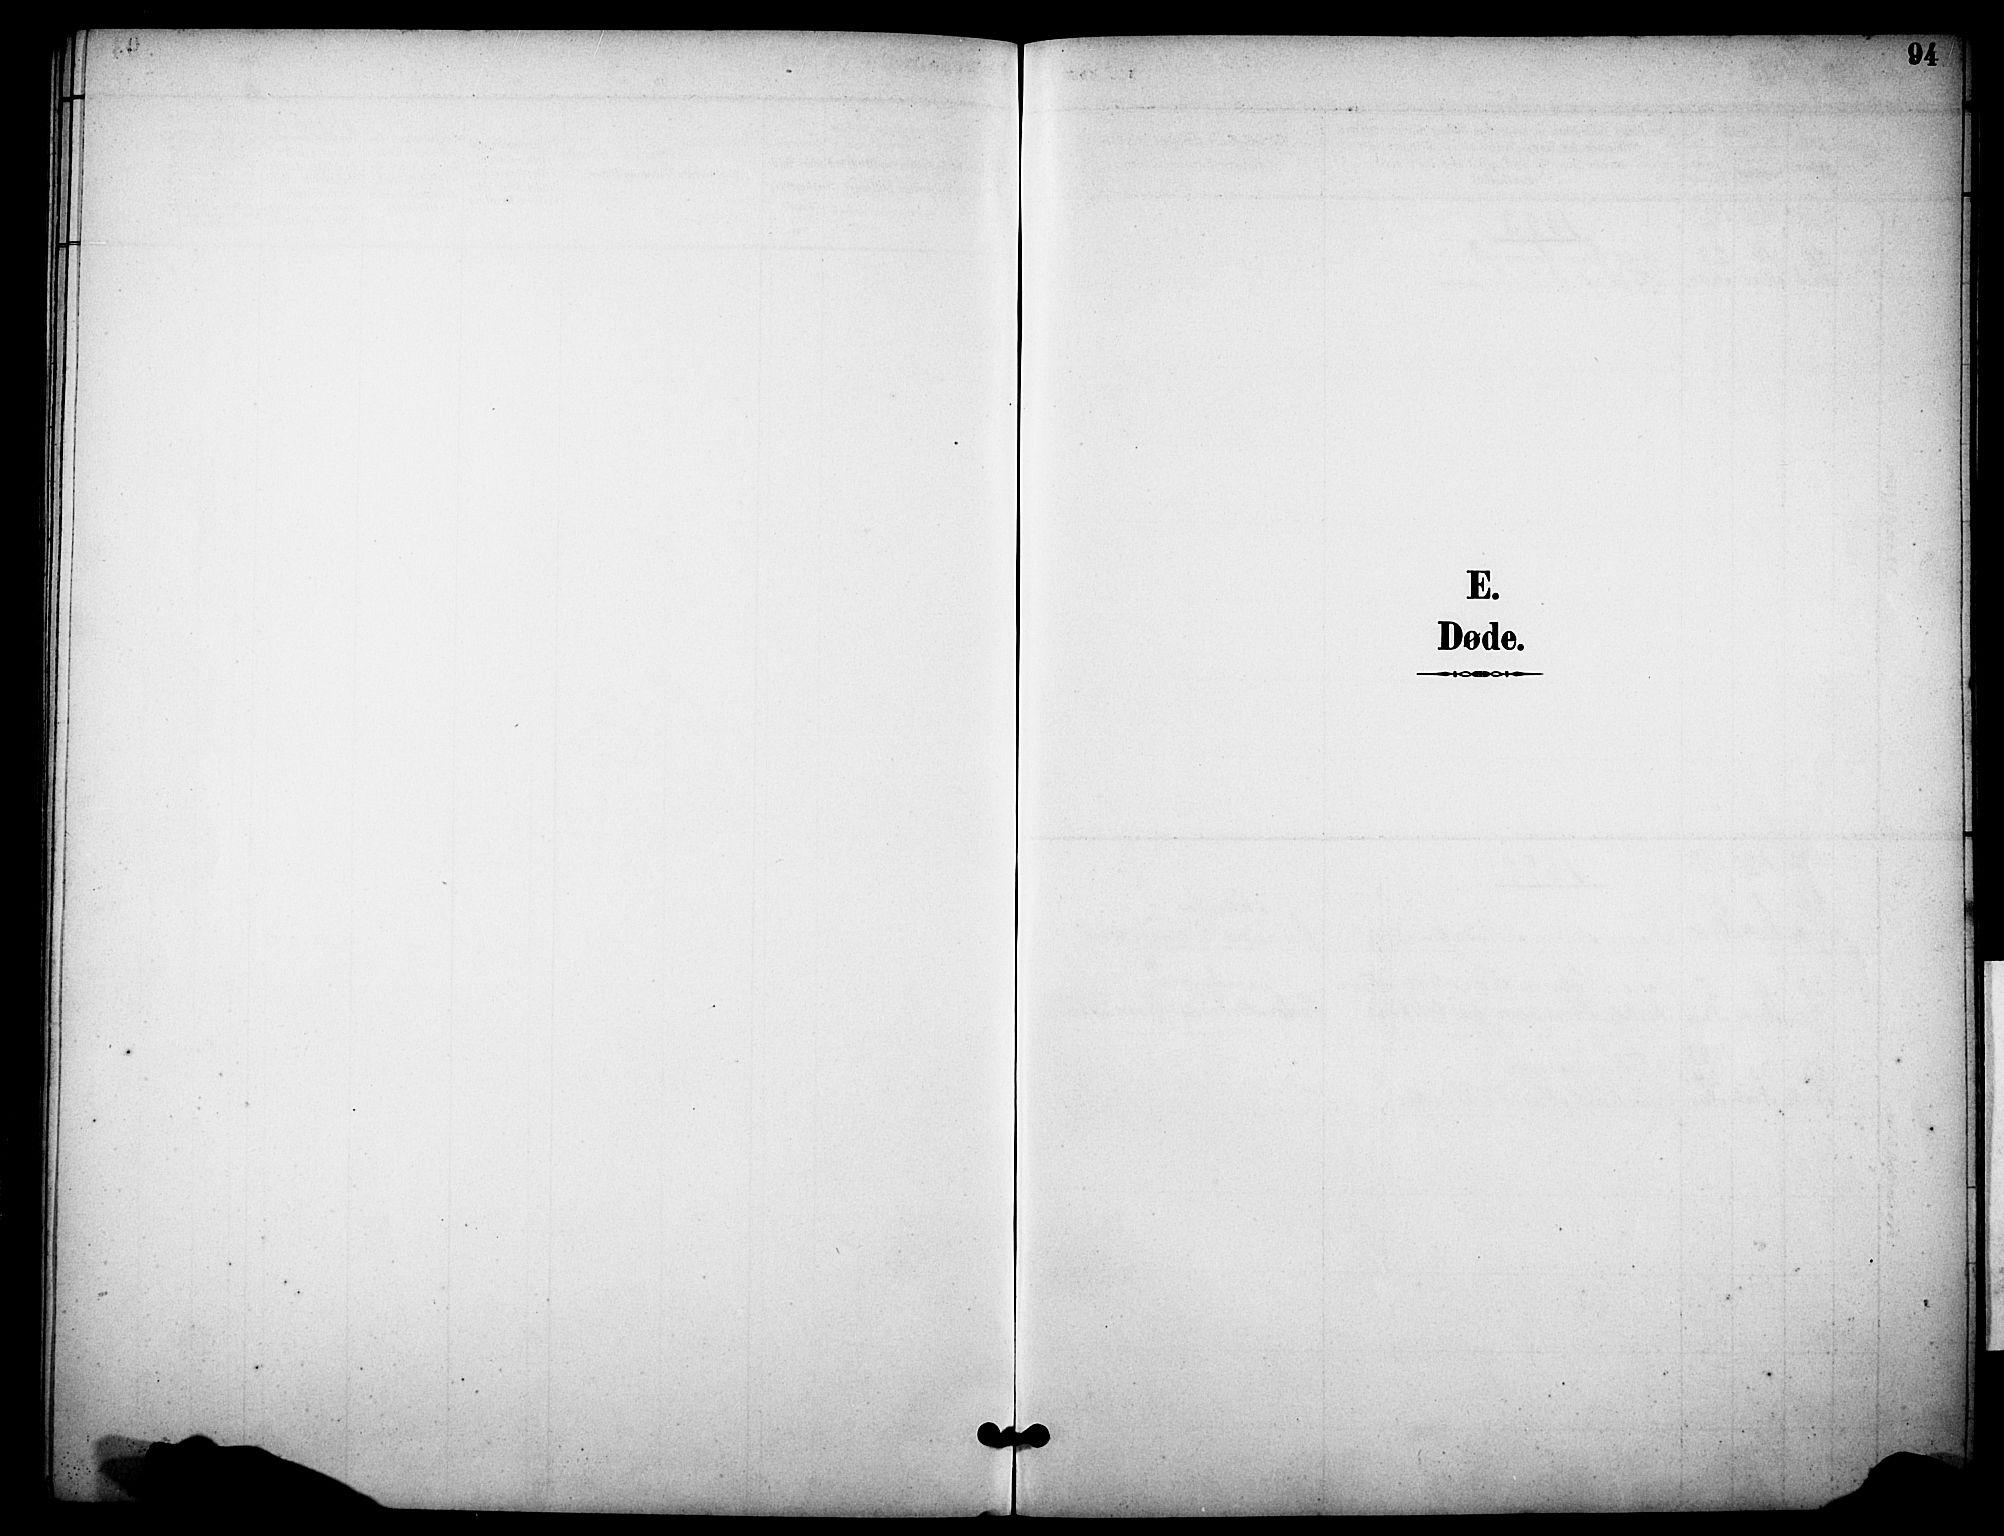 SAKO, Skåtøy kirkebøker, G/Gb/L0001: Klokkerbok nr. II 1, 1892-1916, s. 94